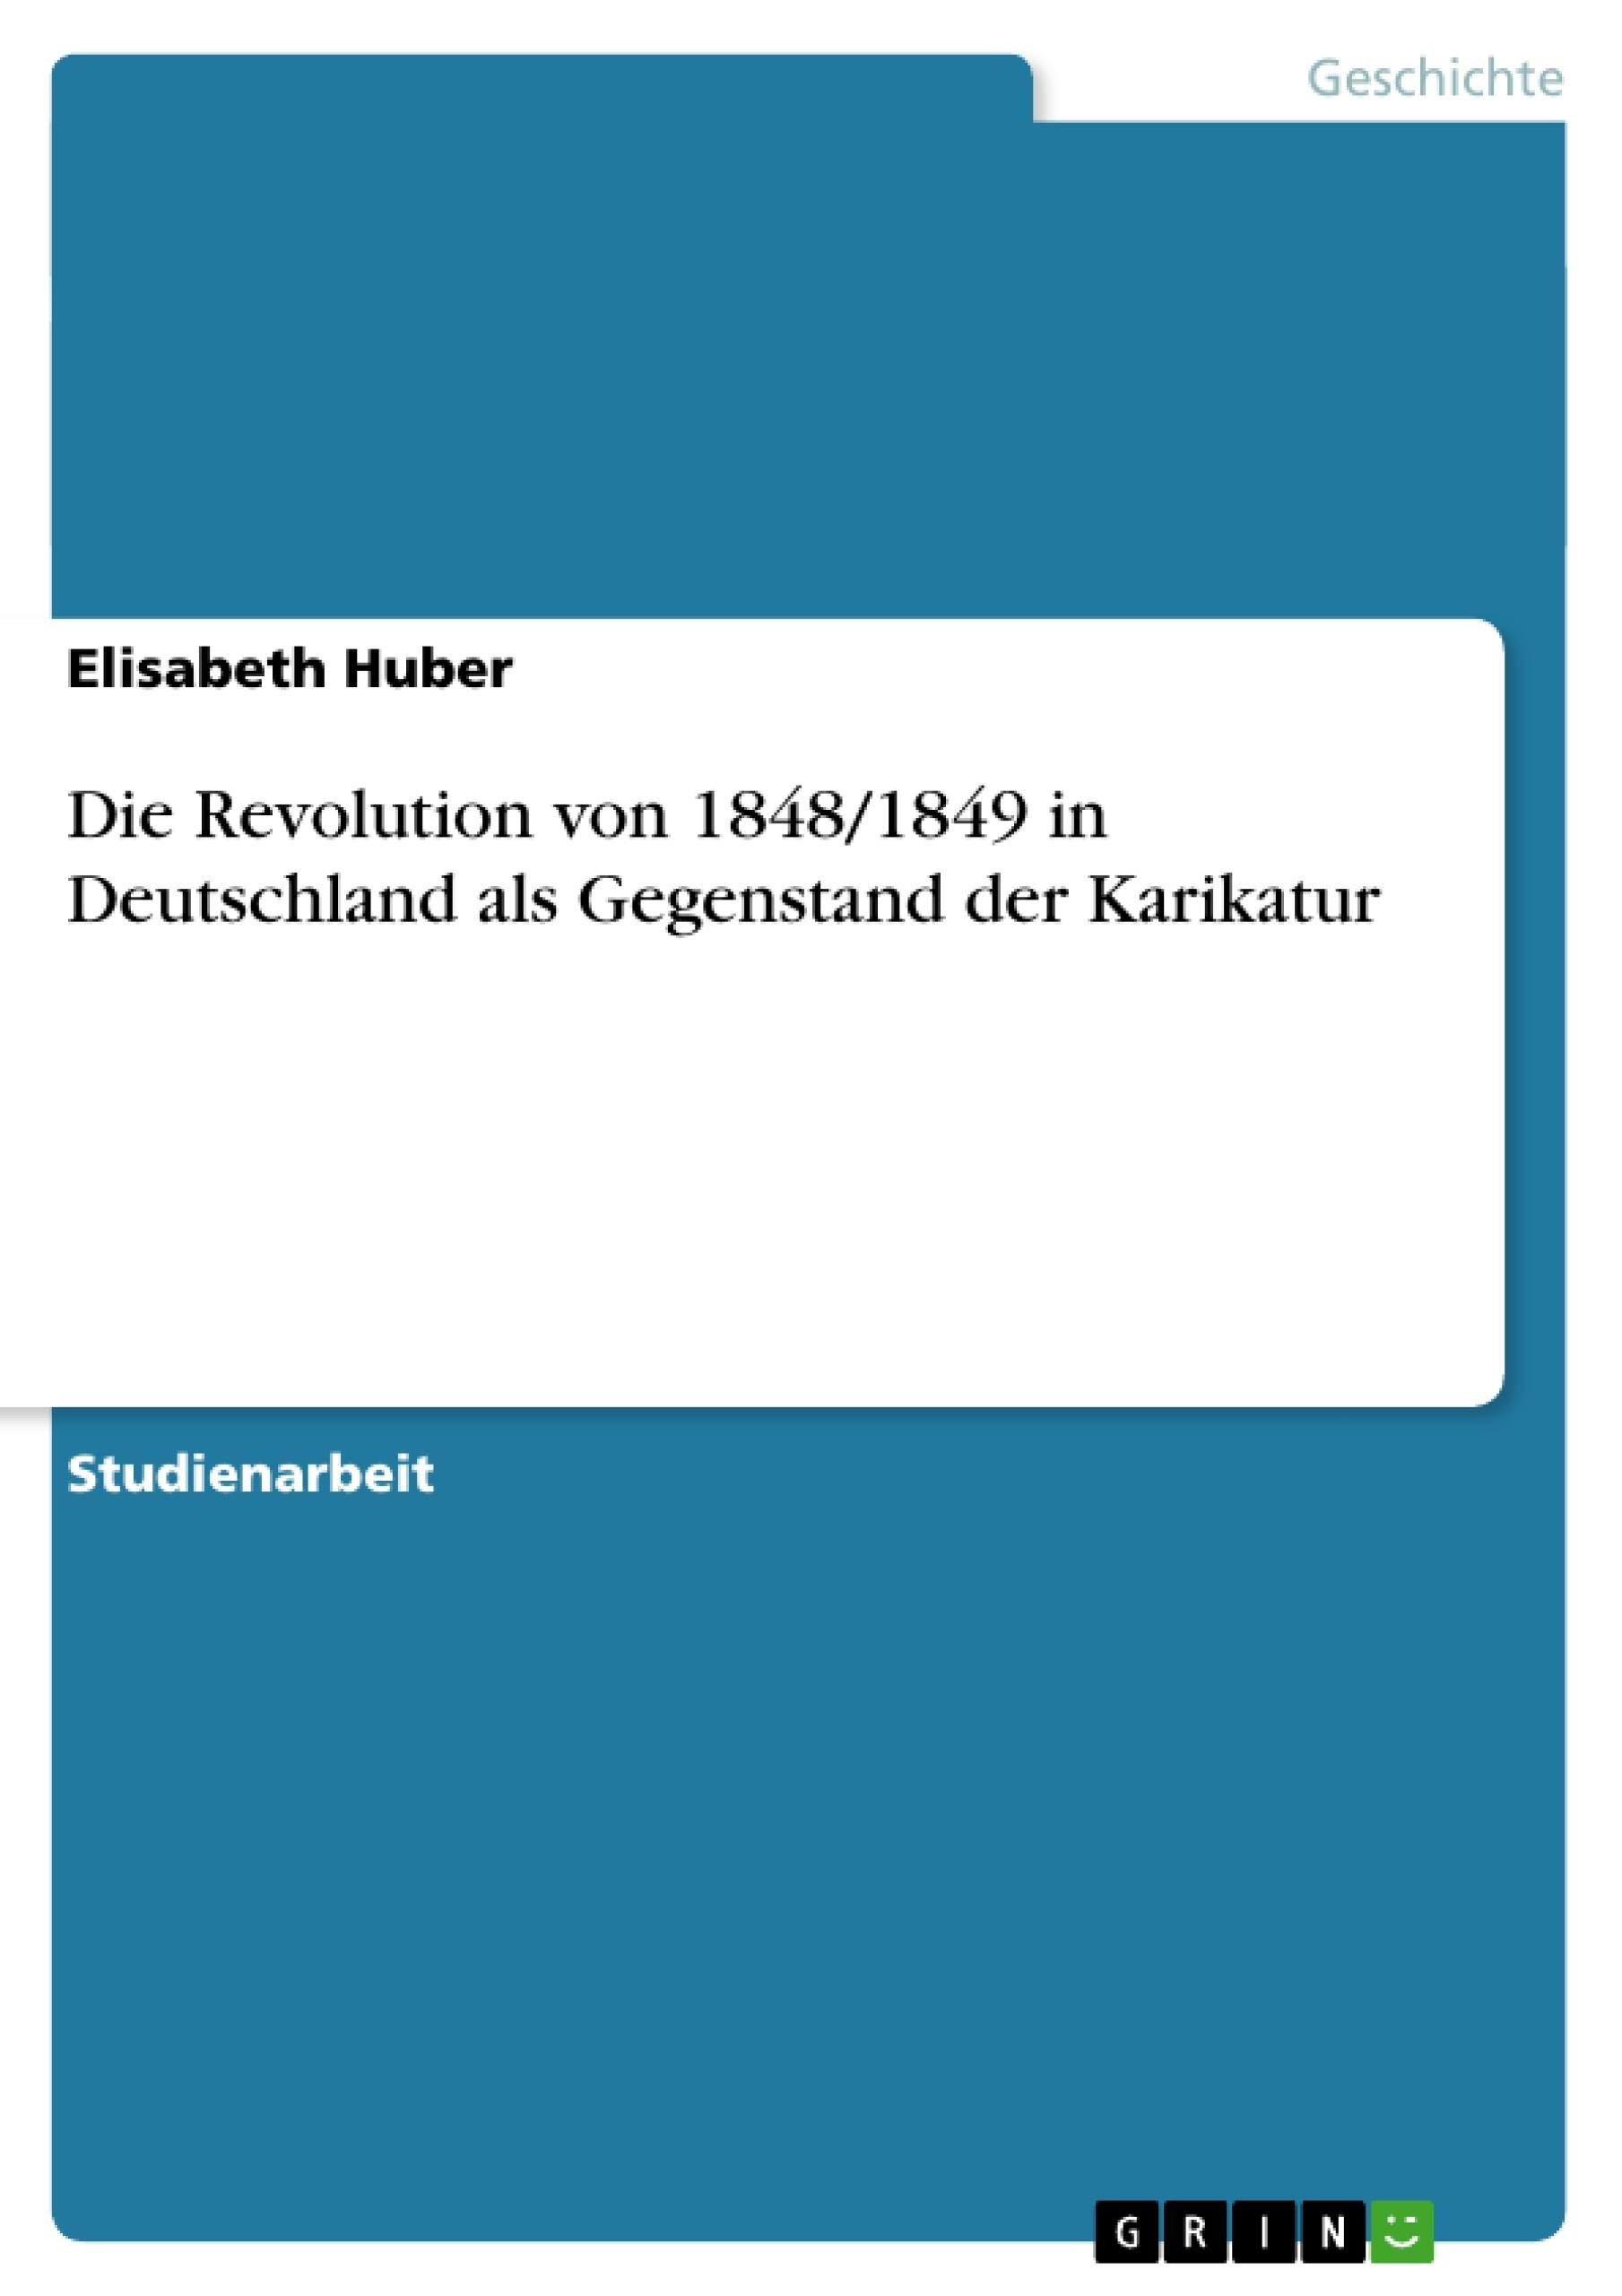 Titel: Die Revolution von 1848/1849 in Deutschland als Gegenstand der Karikatur